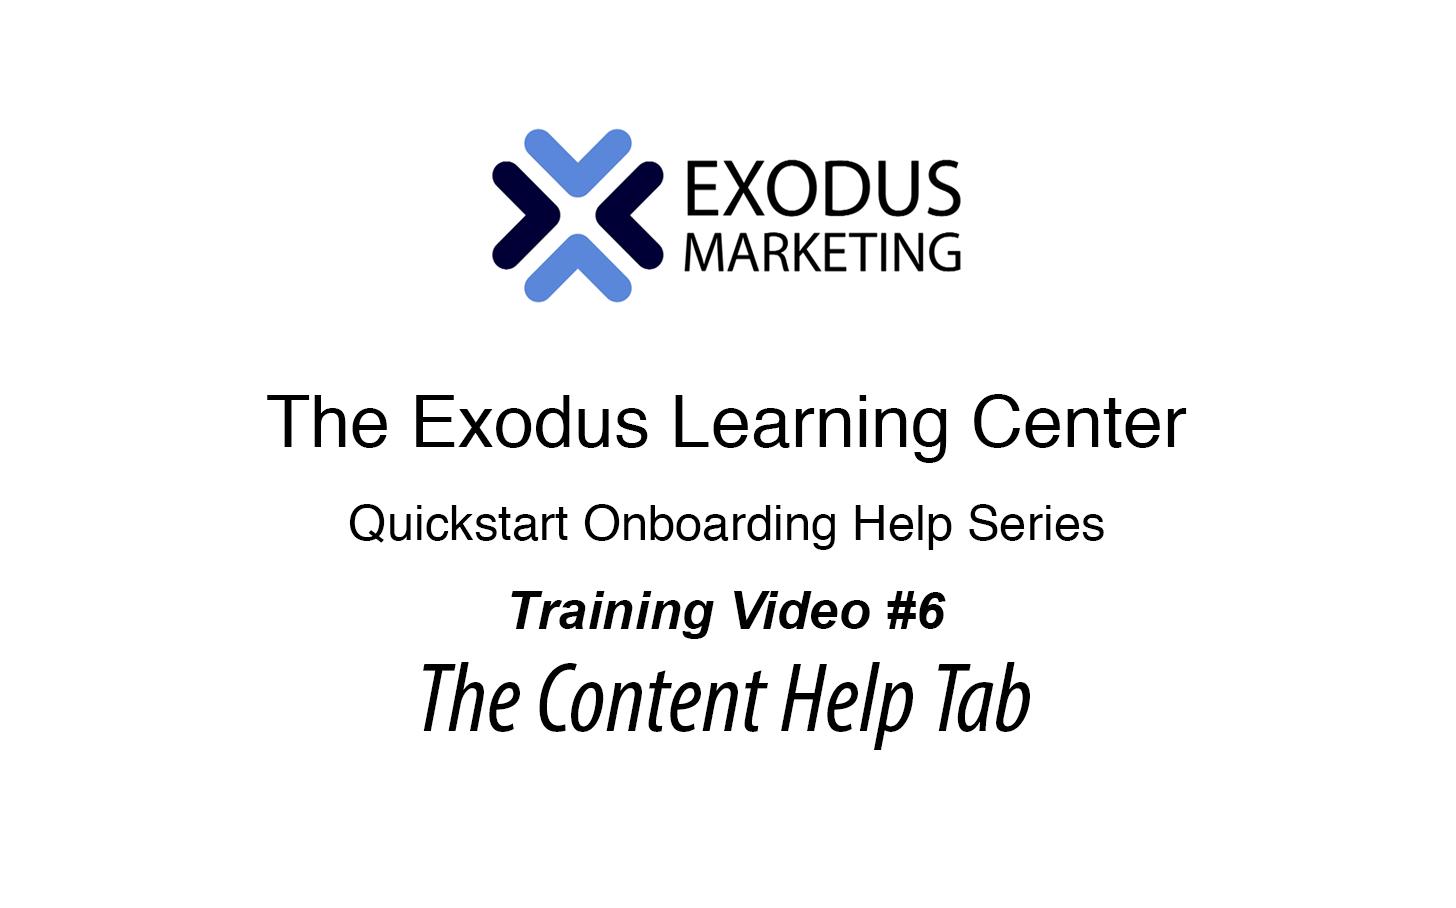 #6 UnderstandingThe Content Help Tab